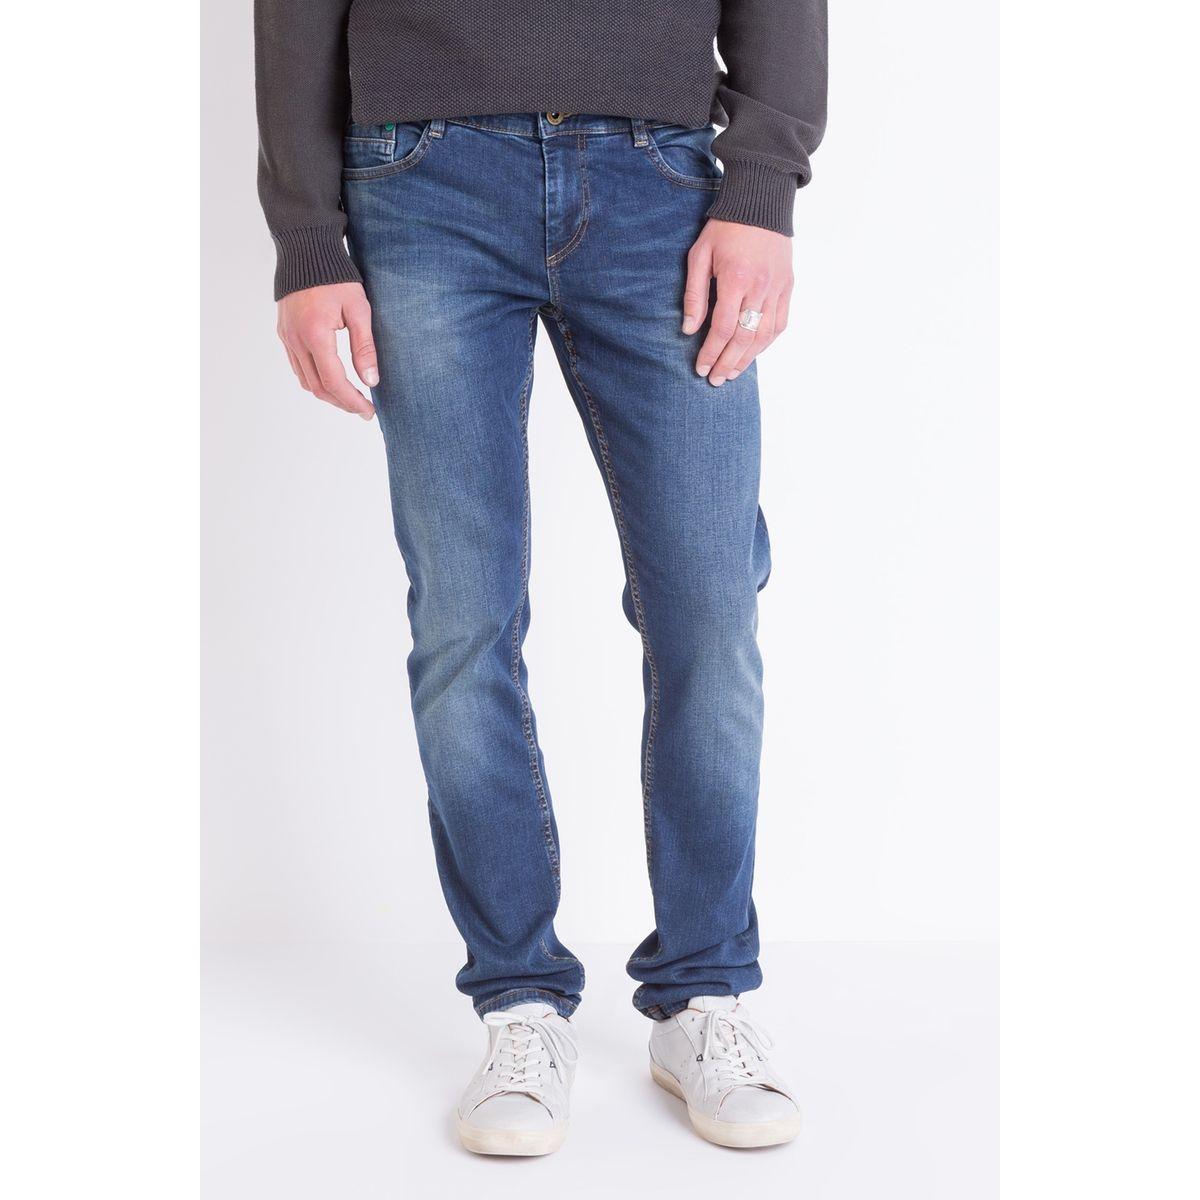 Jeans homme slim coton bio